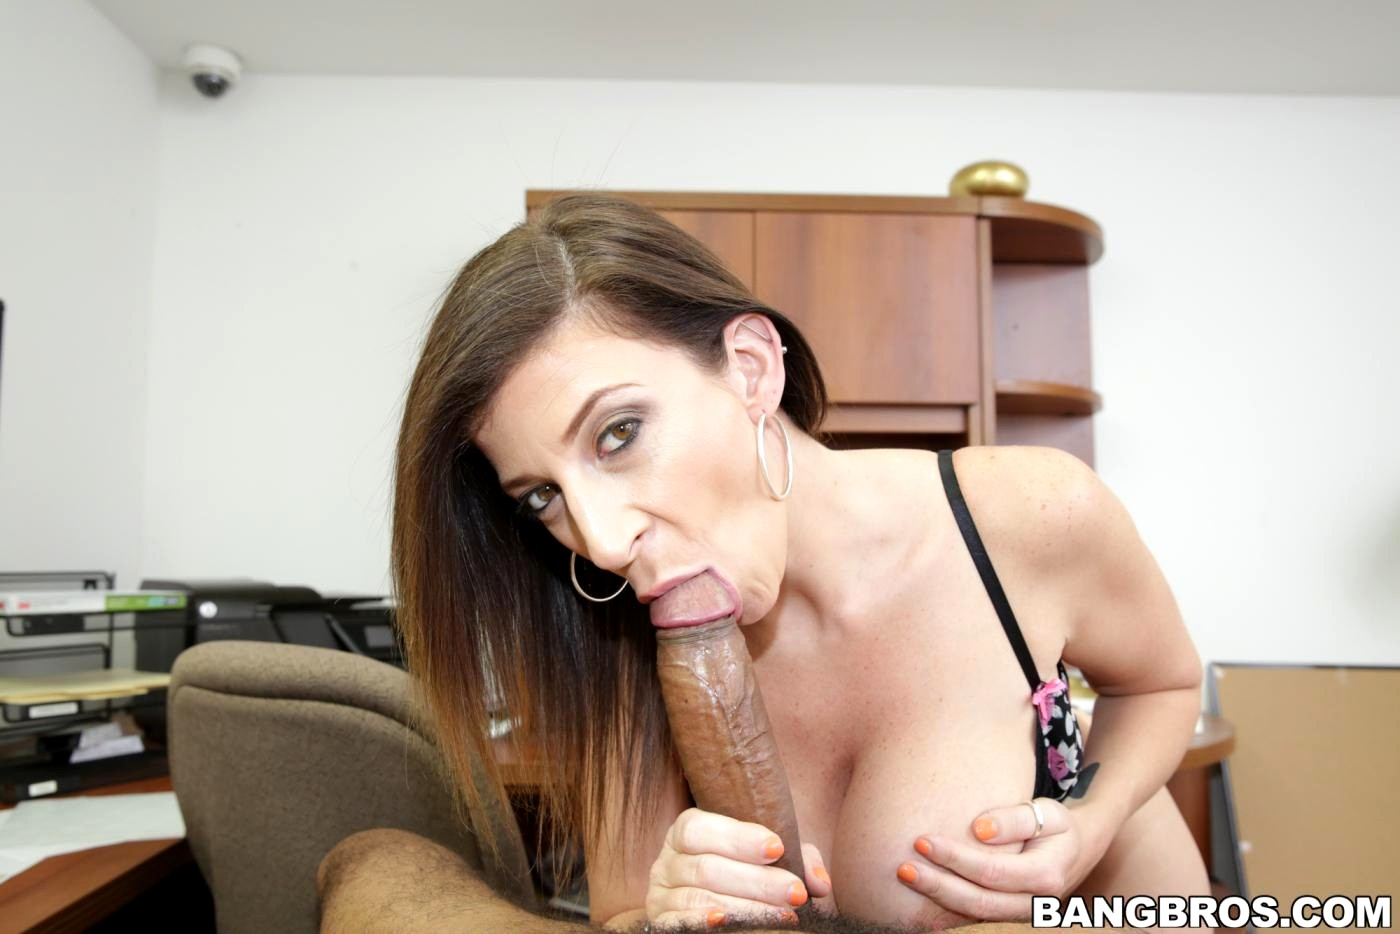 Gay porn cum shot videos